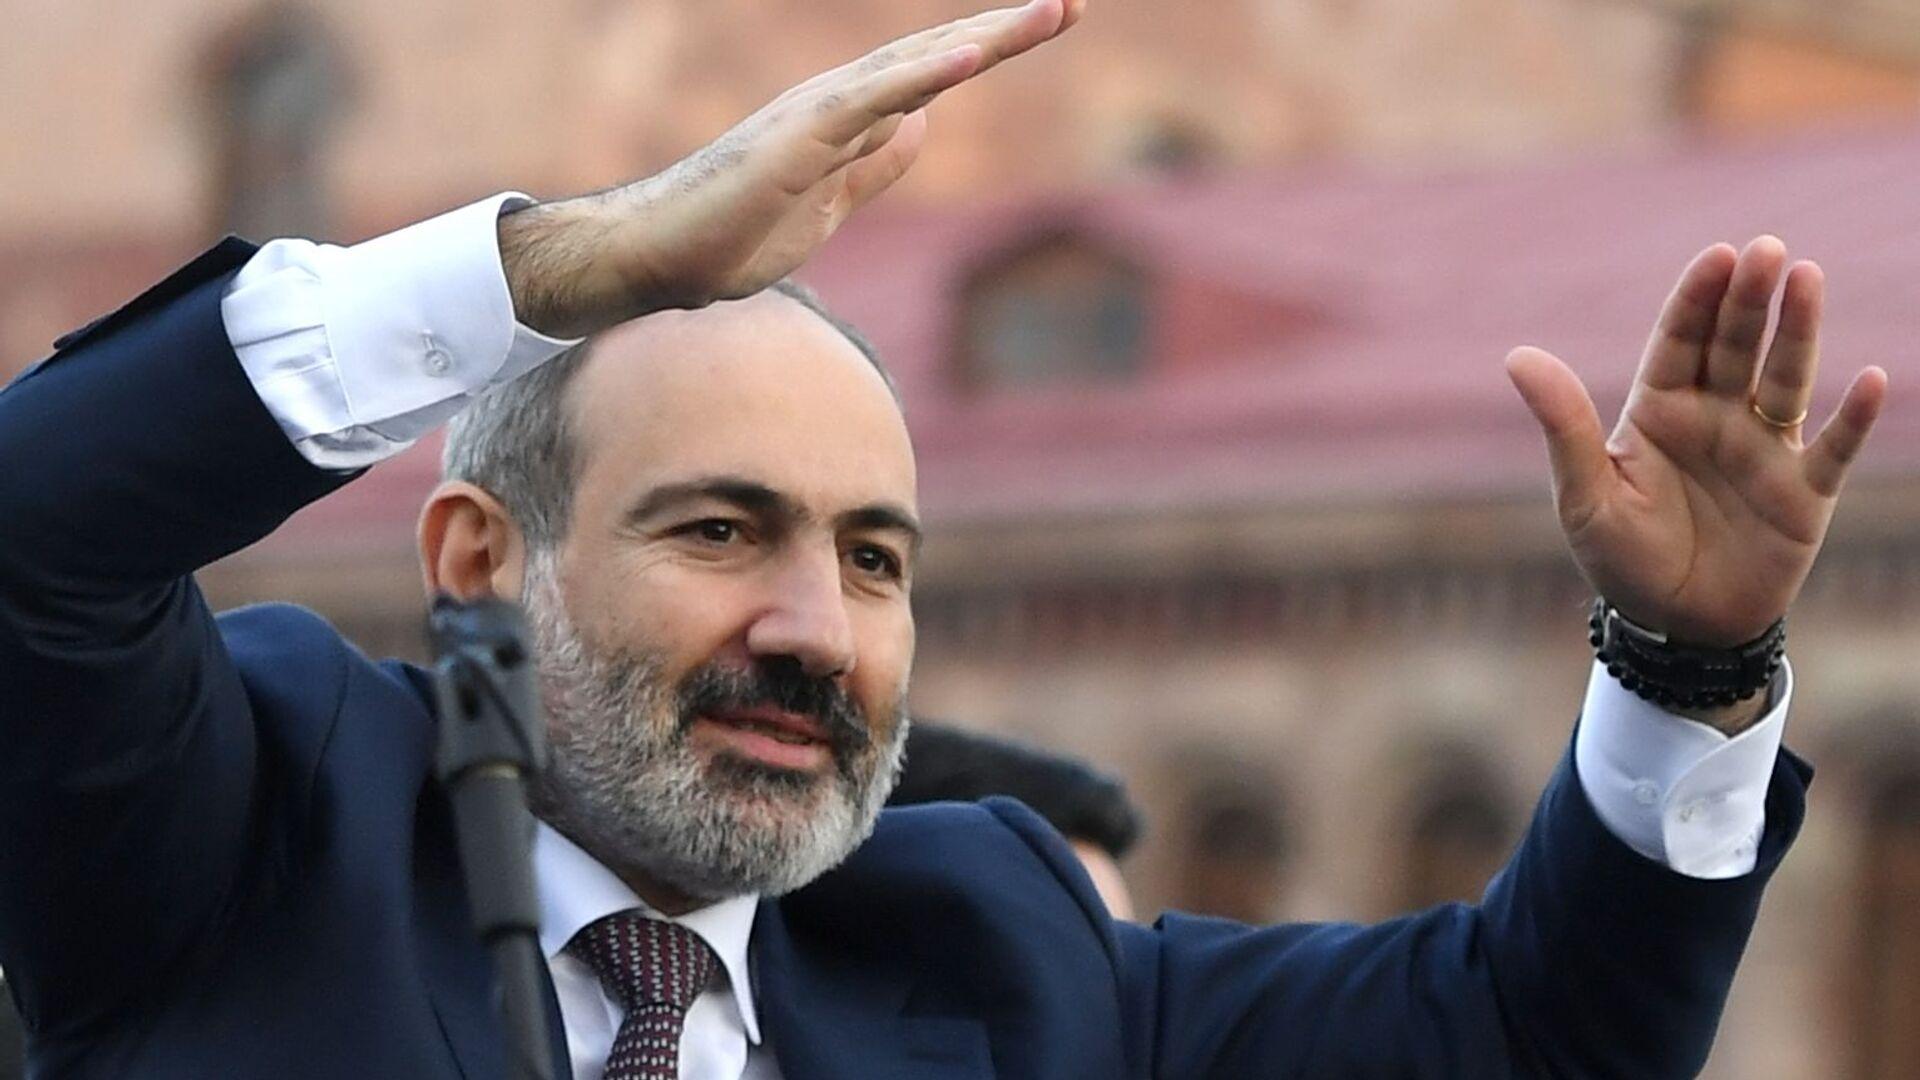 Премьер-министр Никола Пашинян выступает перед своими сторонниками в Ереване - Sputnik Таджикистан, 1920, 21.06.2021